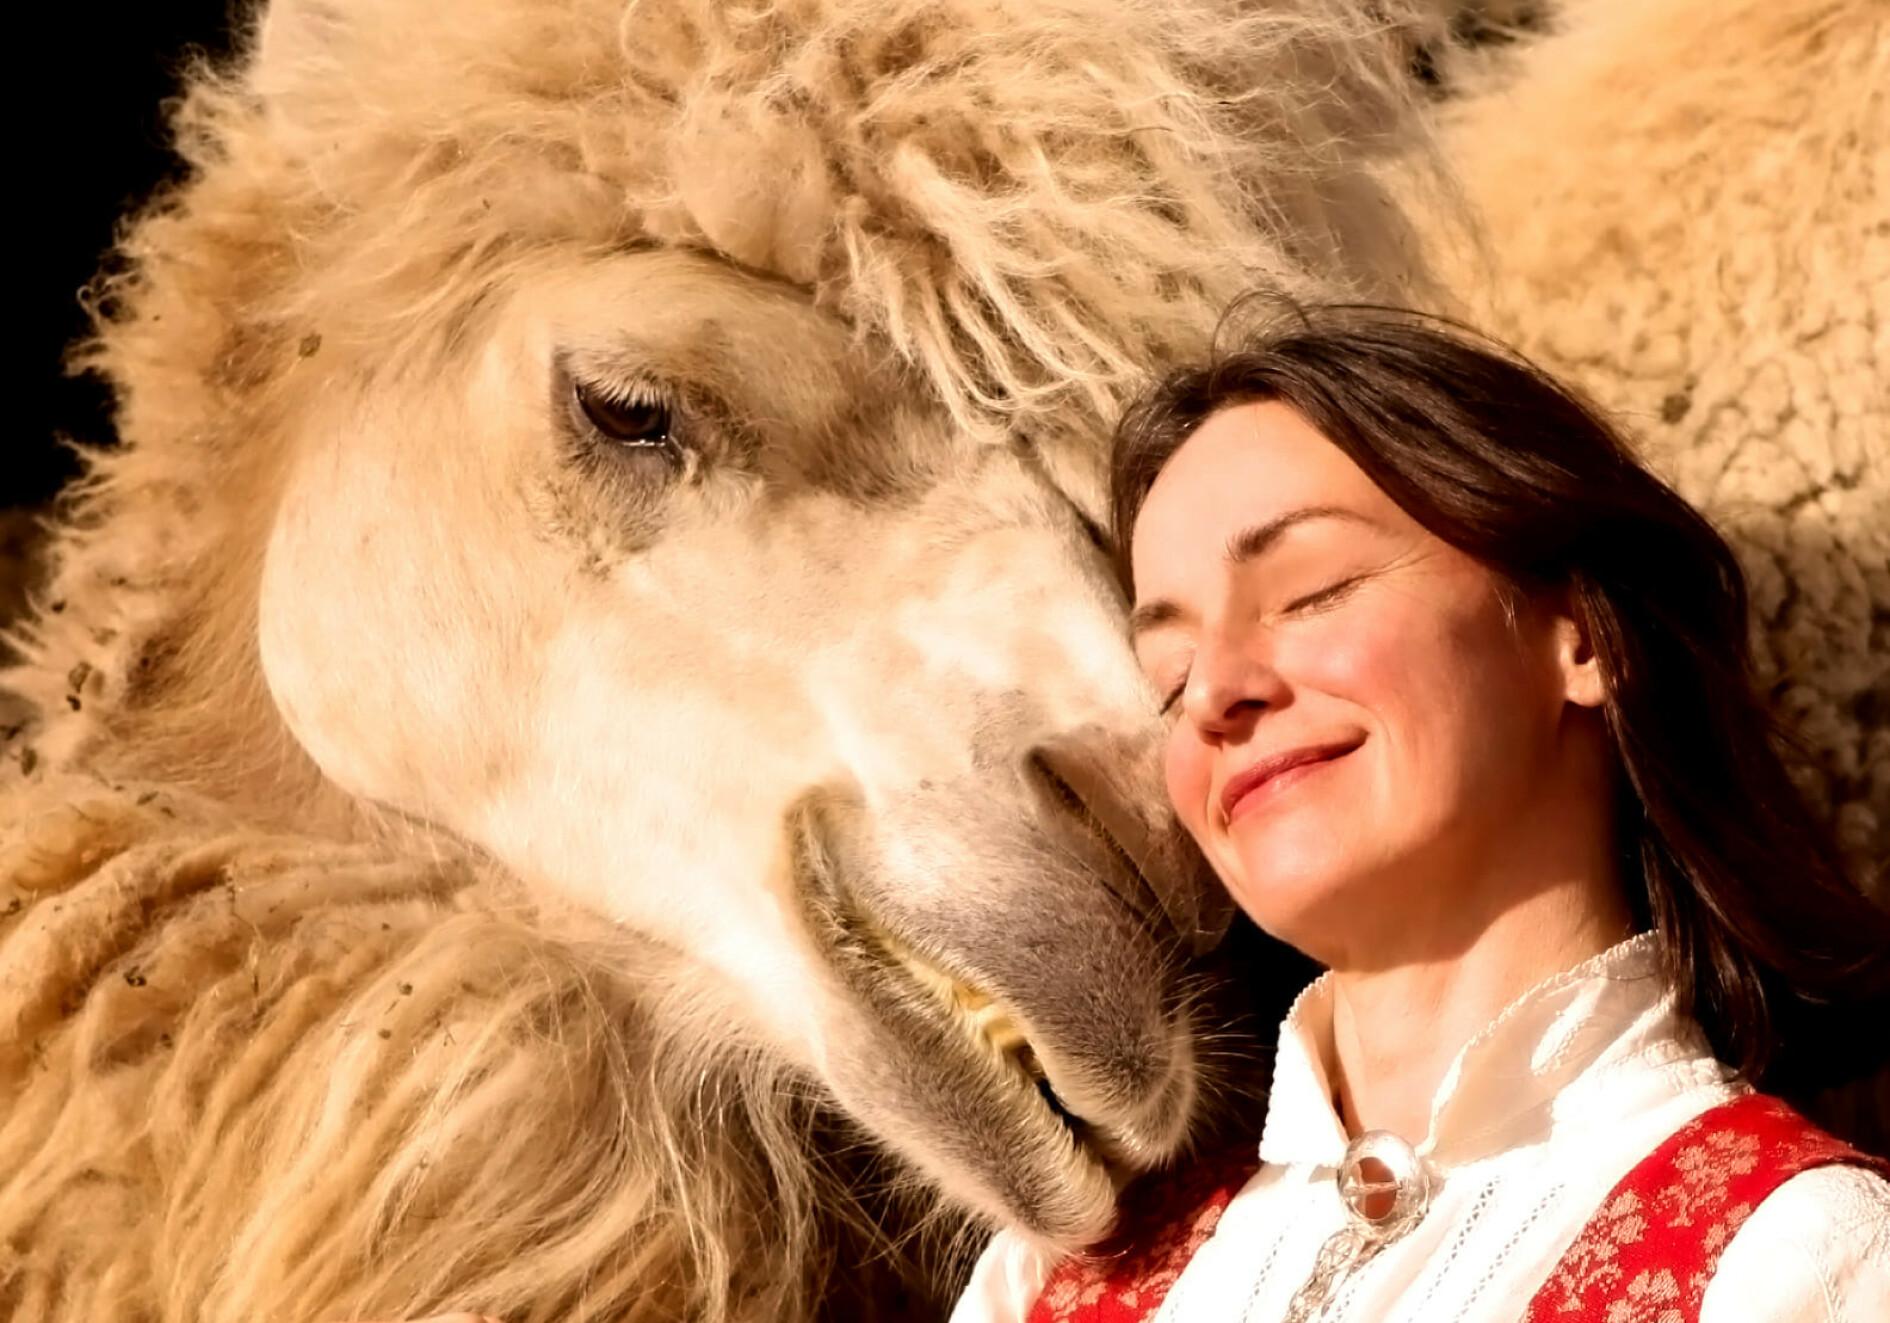 OVERNATT MED KAMELER - I FINNMARK: Oddveig Sætereng og familien tilbyr overnatting med ganske spesielle opplevelser: Å bli kjent med kamelene Bor, Bestla og Vilje. Foto: Privat